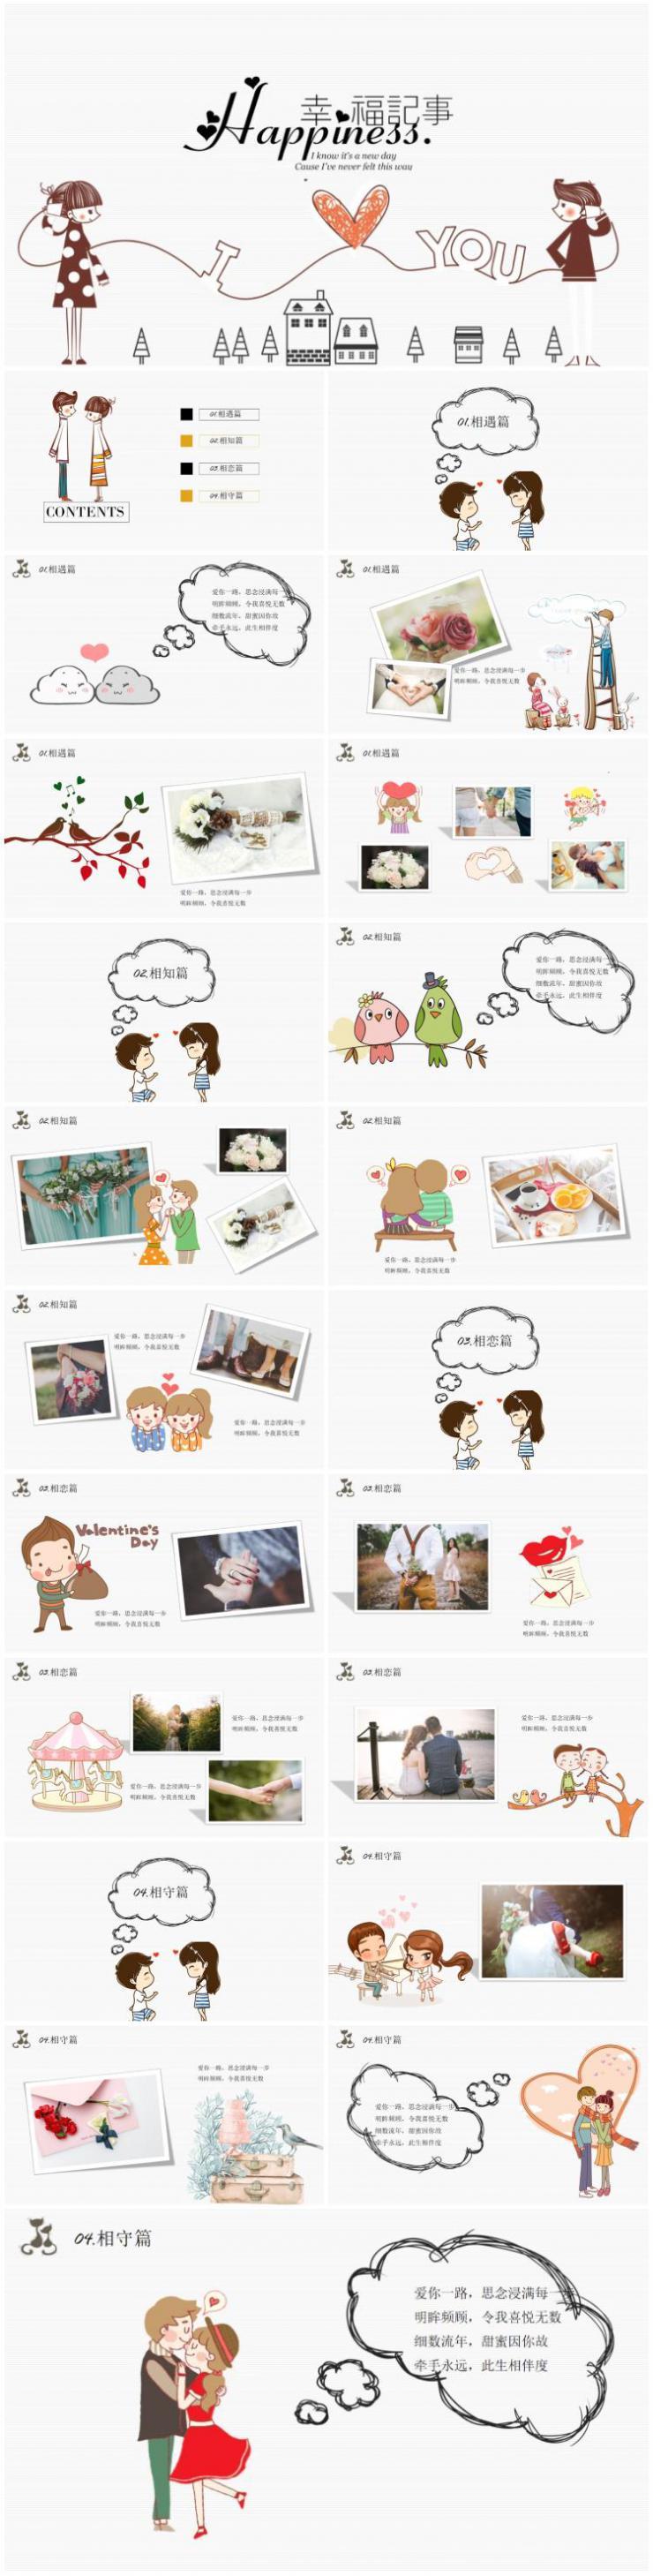 可爱卡通情侣相册PPT模板